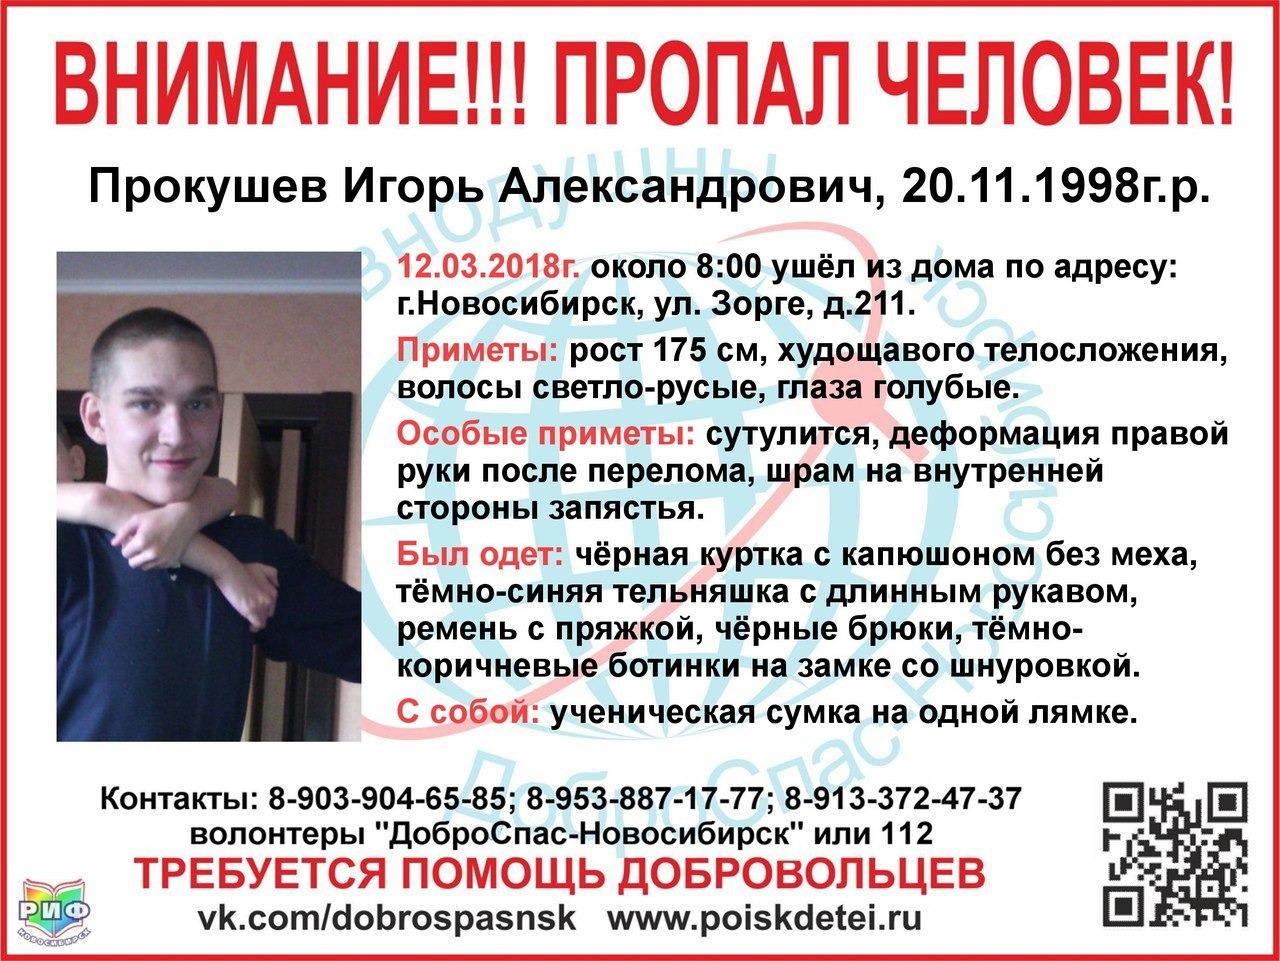 Курсант речного училища со шрамом на запястье пропал в Новосибирске